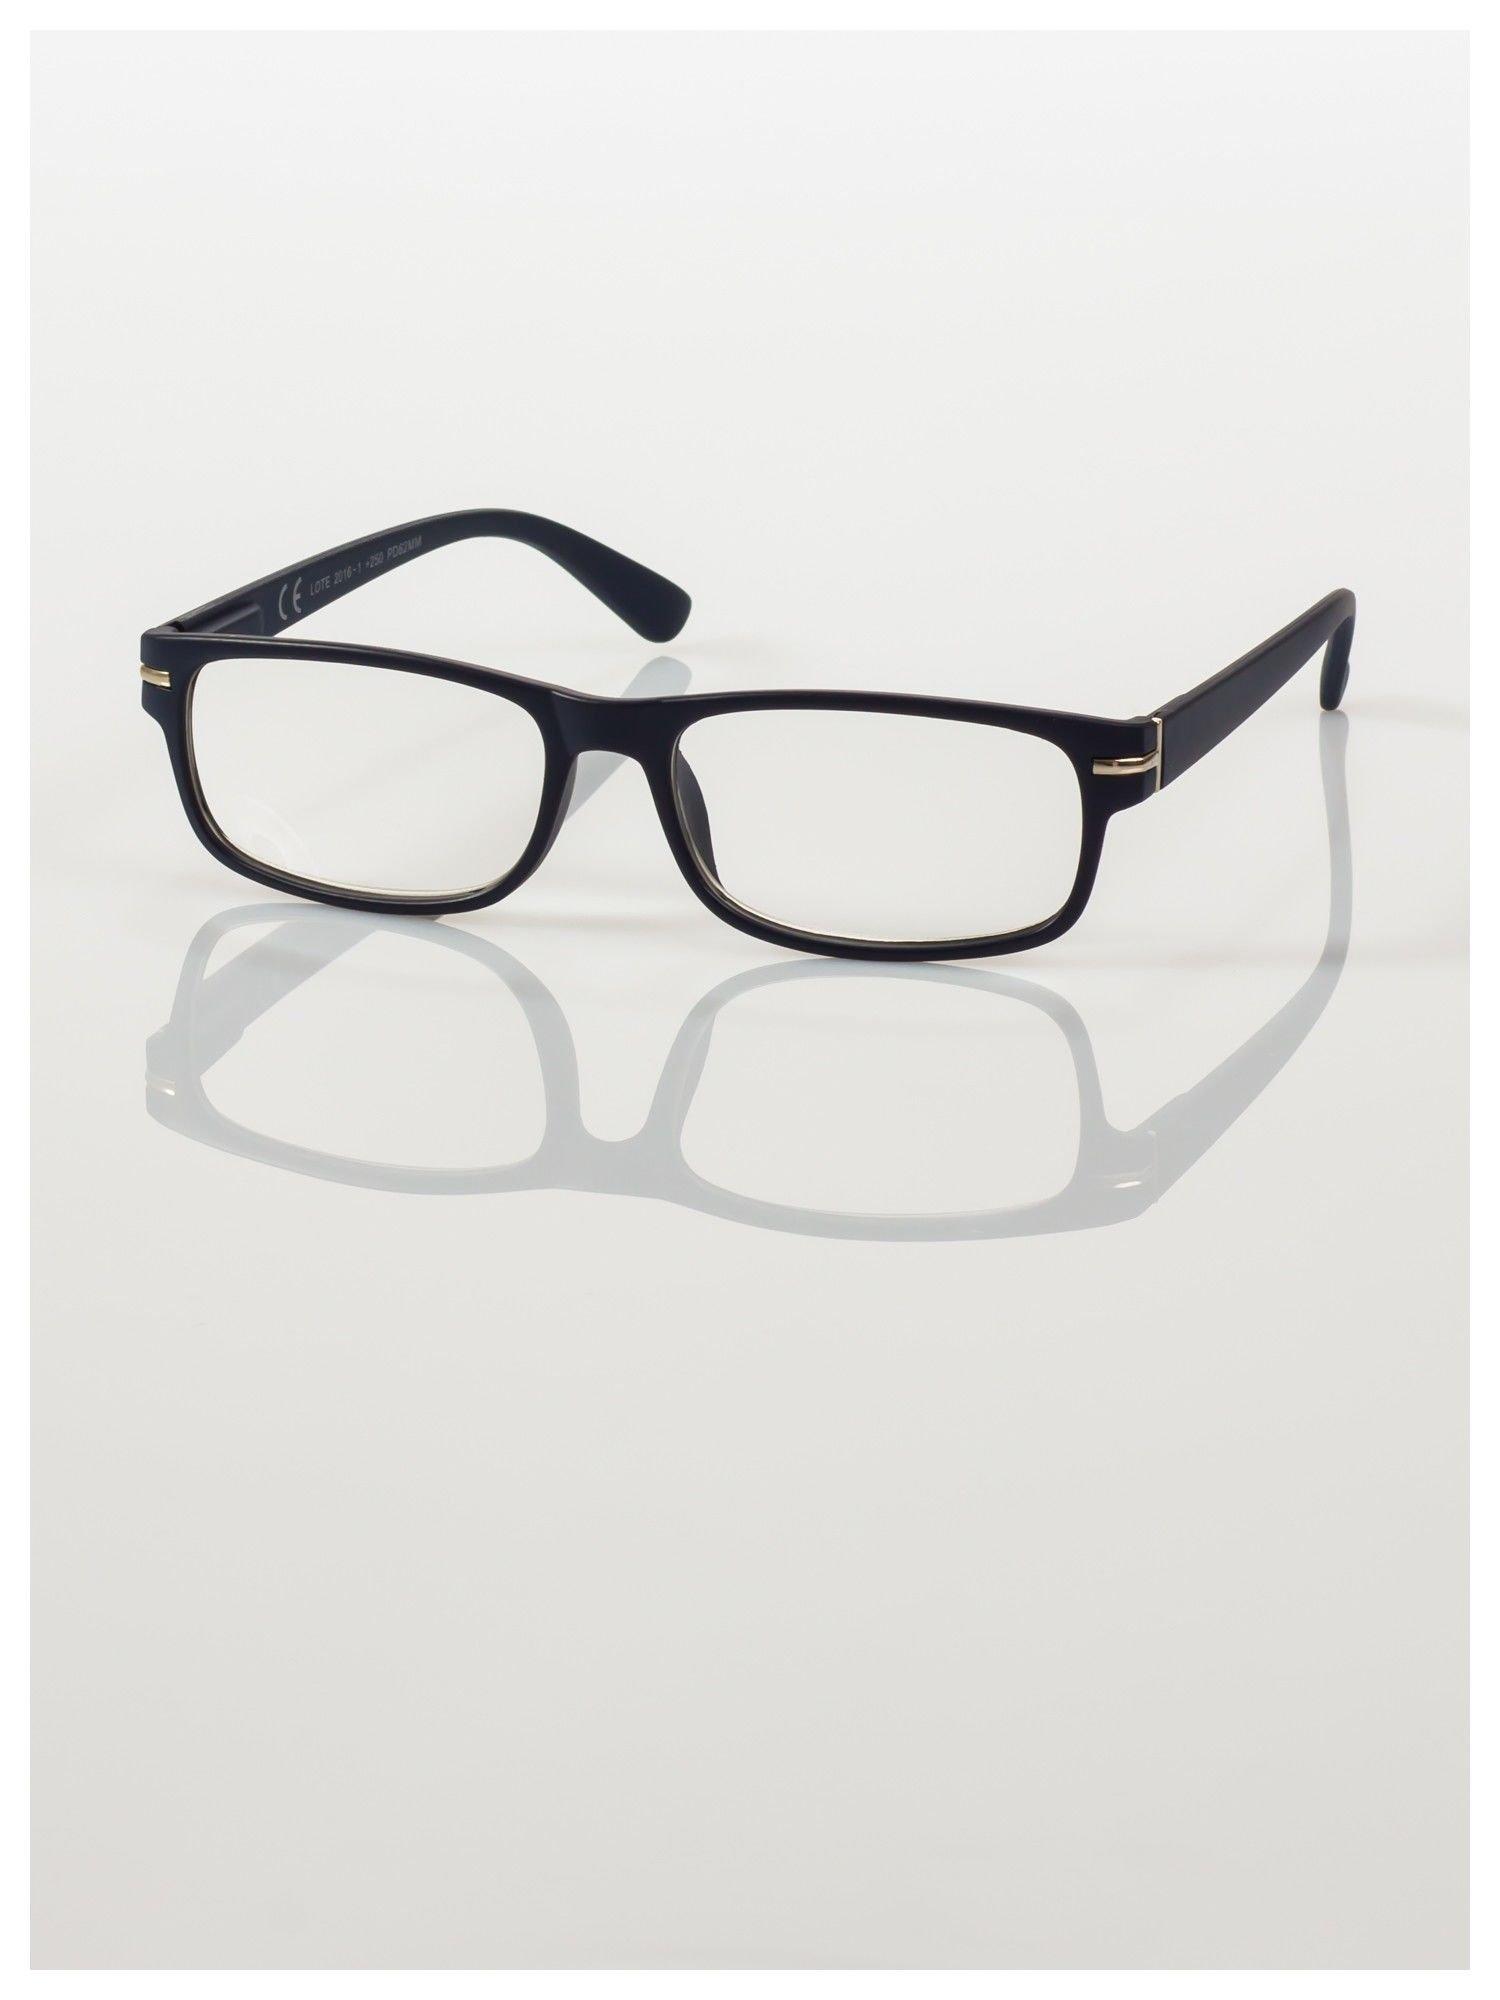 Eleganckie granatowe matowe korekcyjne okulary do czytania +4.0 D  z sytemem FLEX na zausznikach                                  zdj.                                  2